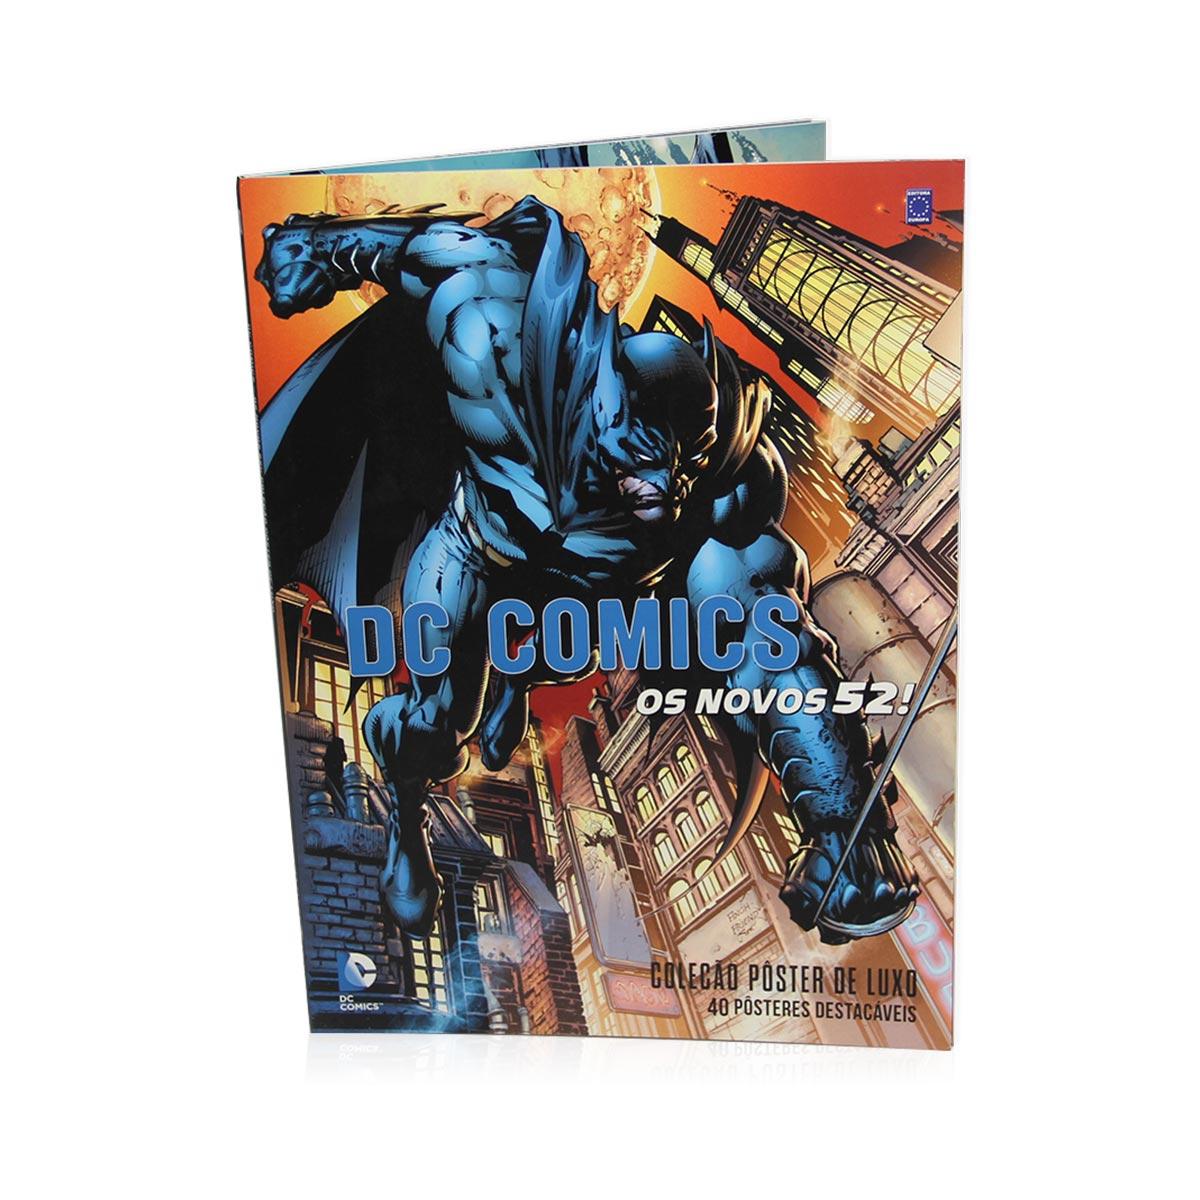 Livro Coleção Pôster Luxo DC Comics Os Novos 52!